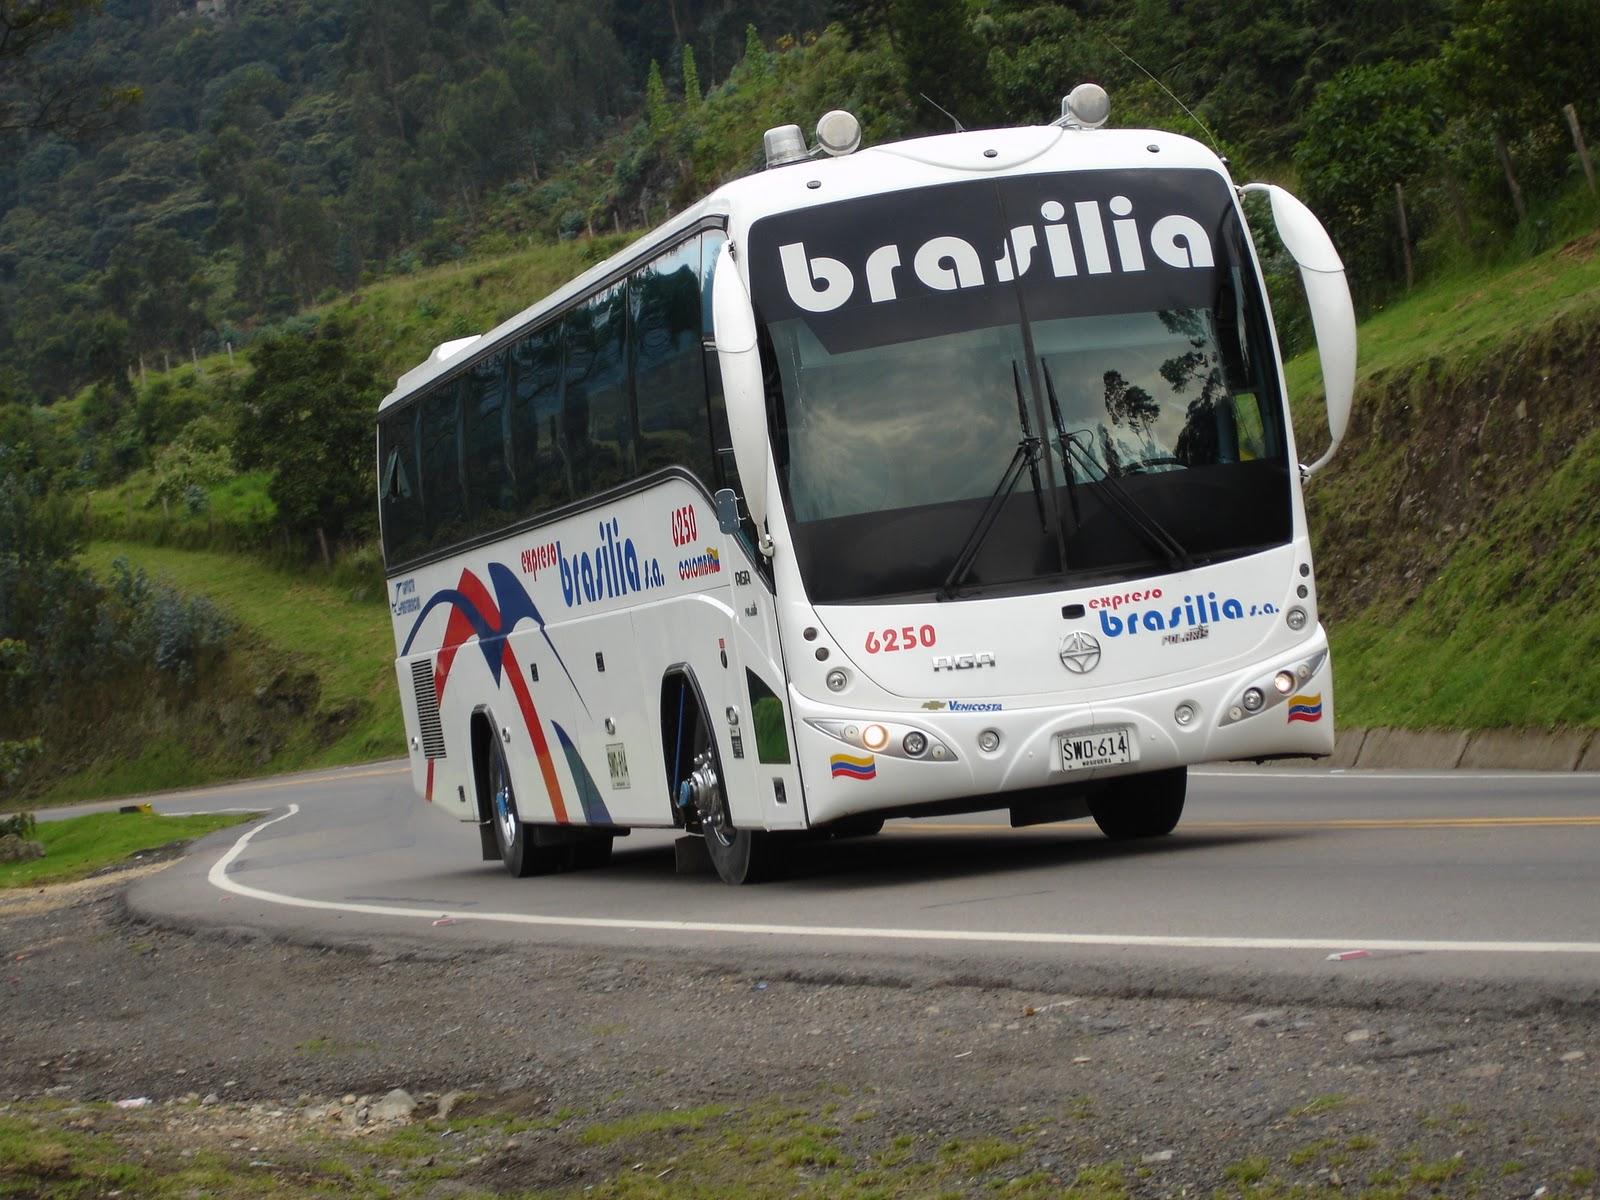 CASO DE EXPRESO BRASILIA: HISTORIA DE EXPRESO BRASILIA